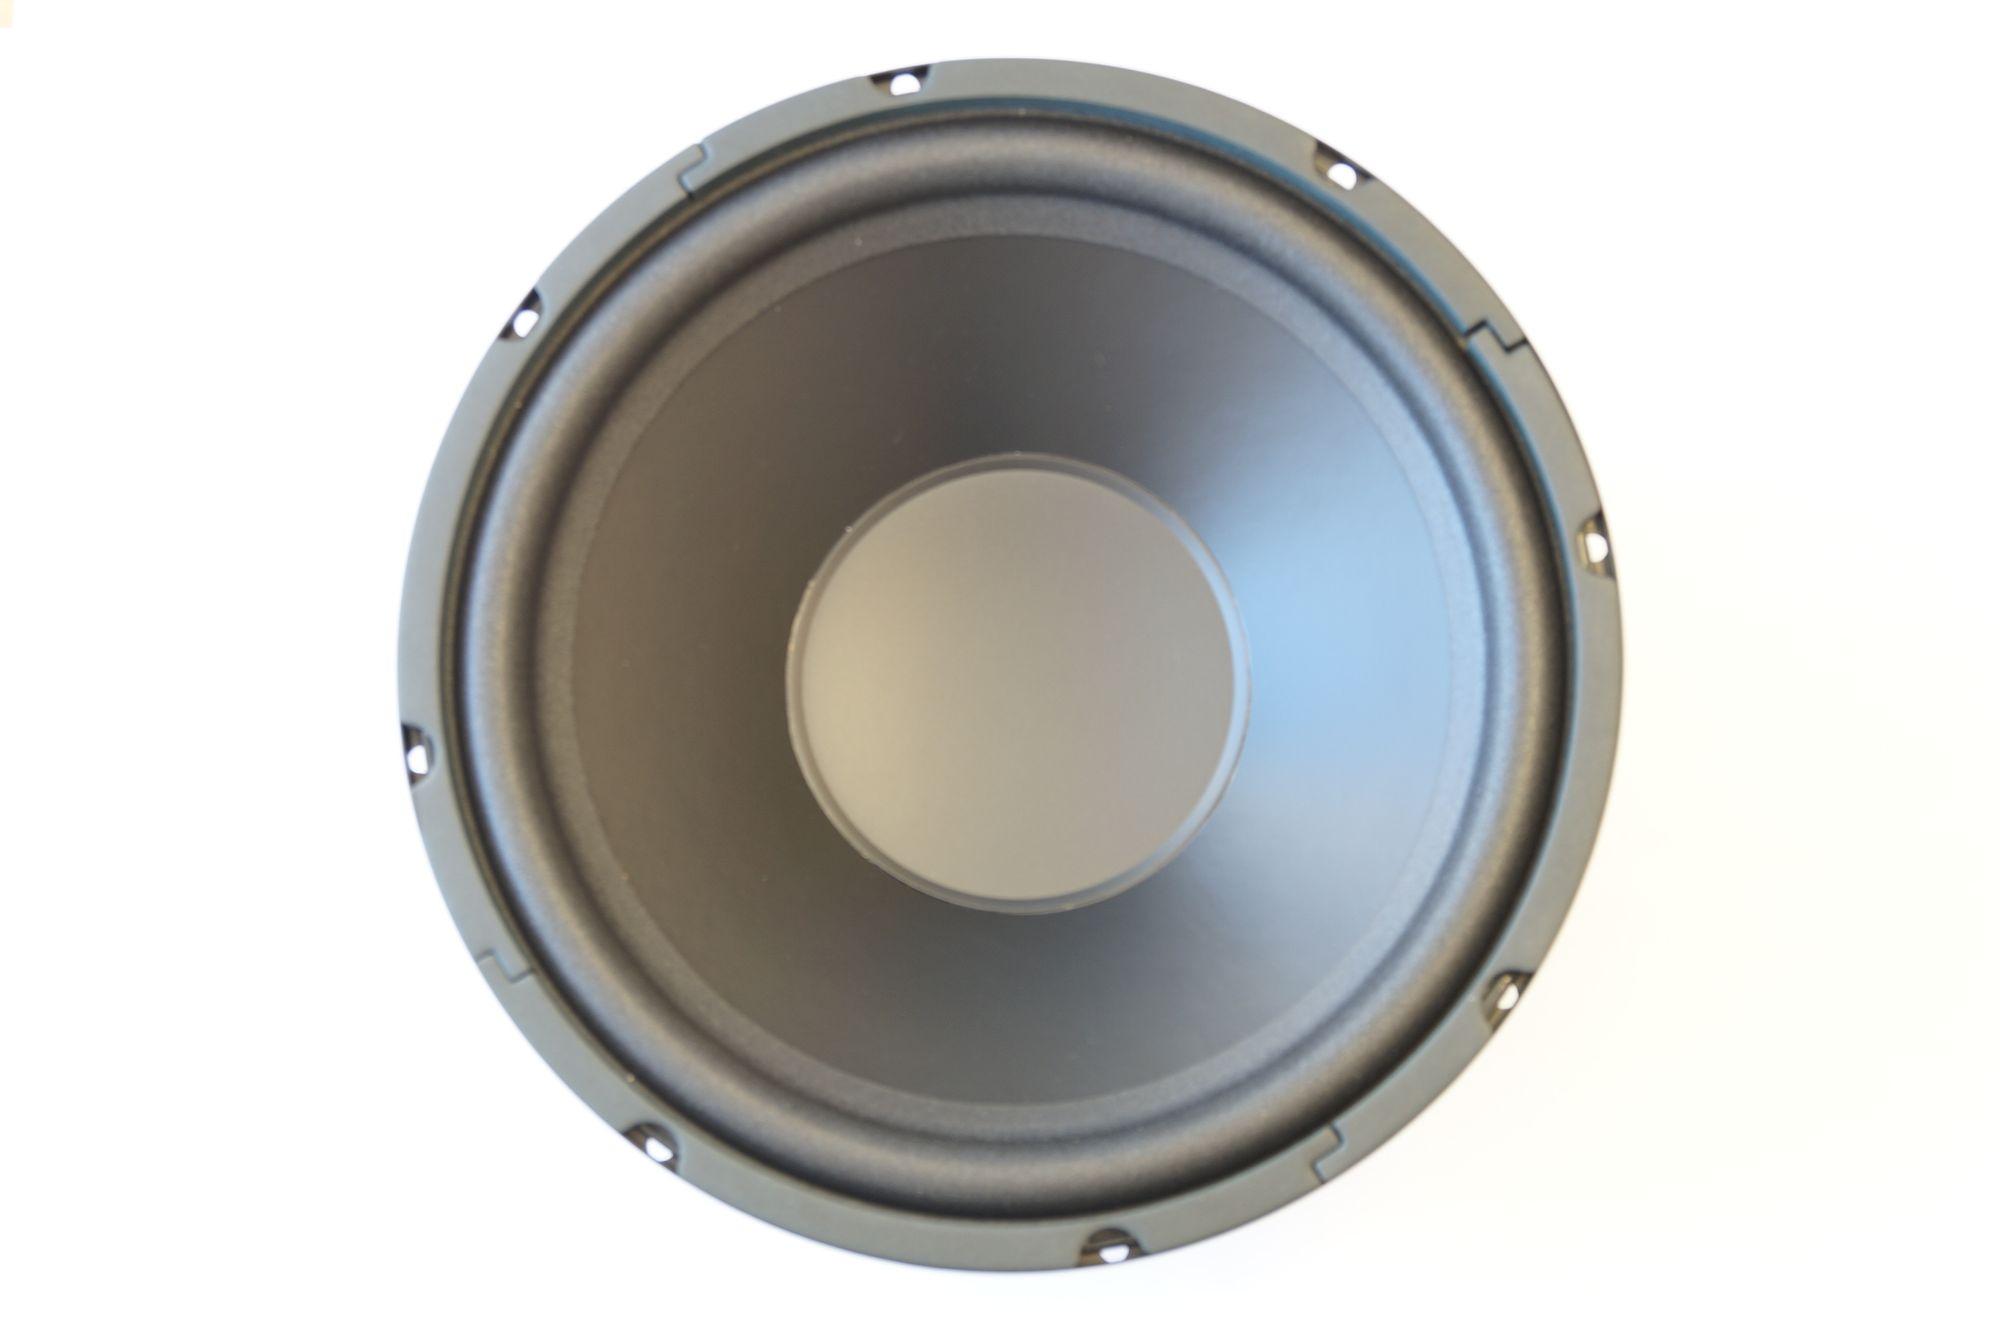 1 Stück Magnat MWS 300 CP 4140X Tieftöner Basslautsprecher Subwoofer Neu